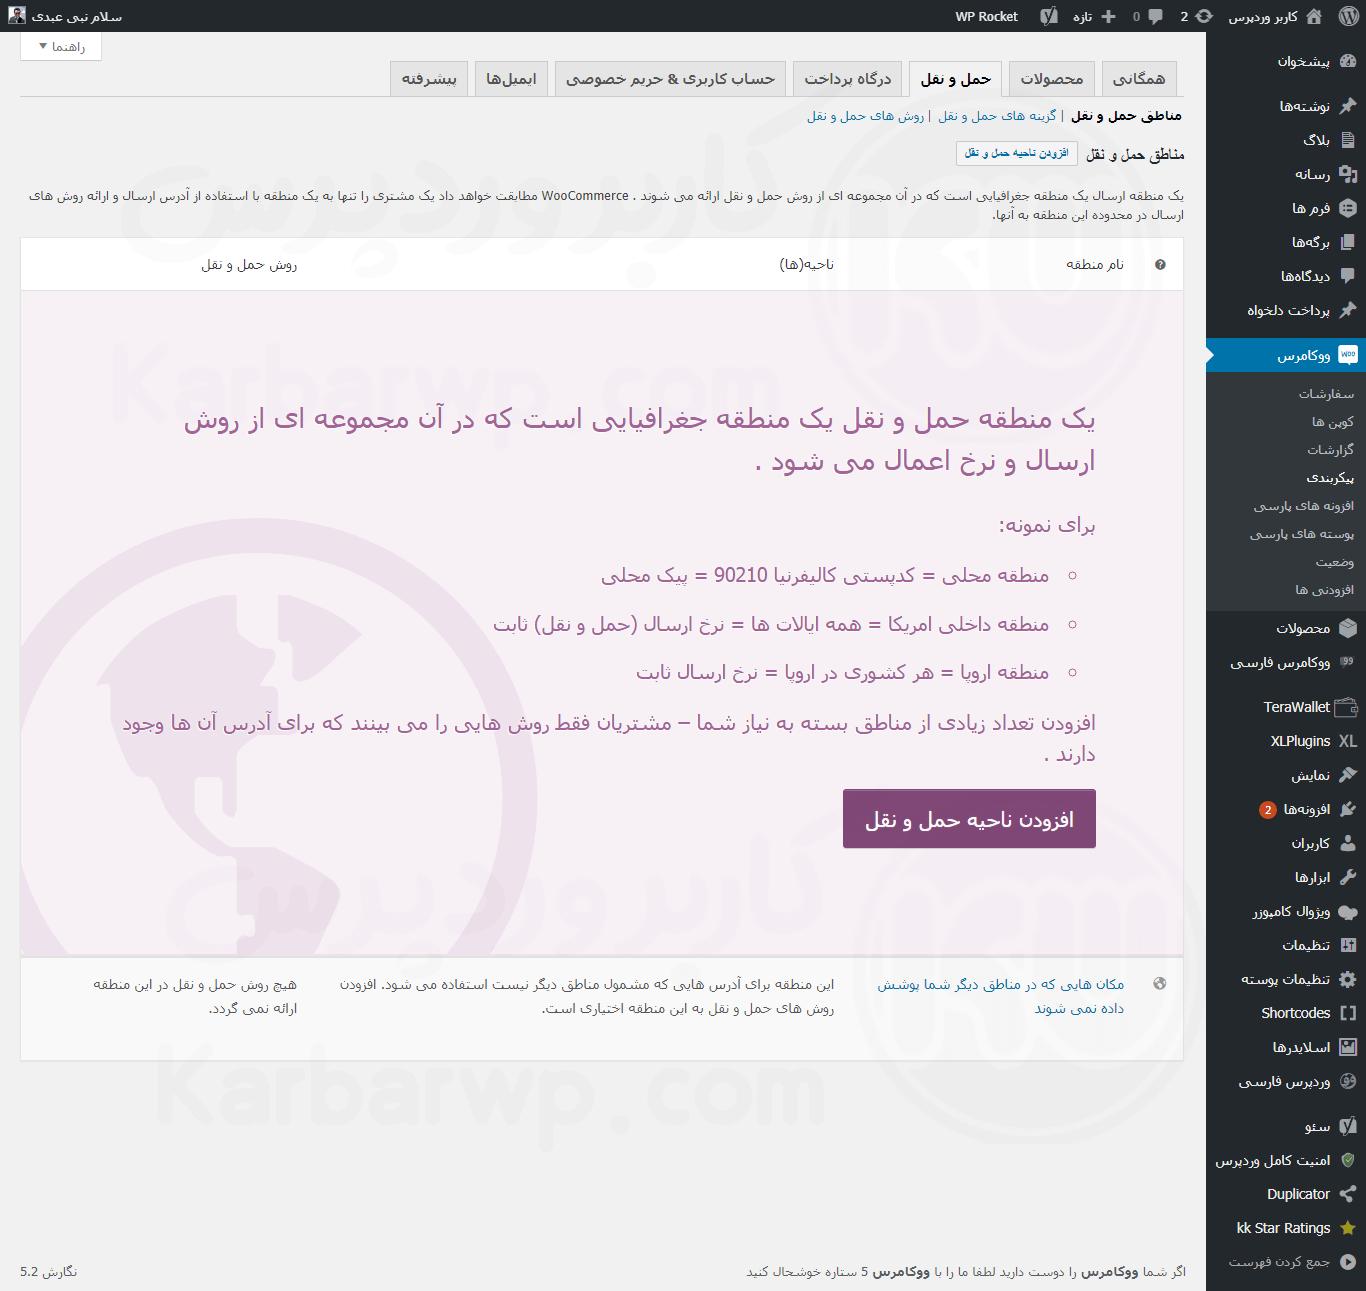 صفحه پیکربندی تنظیمات در ووکامرس